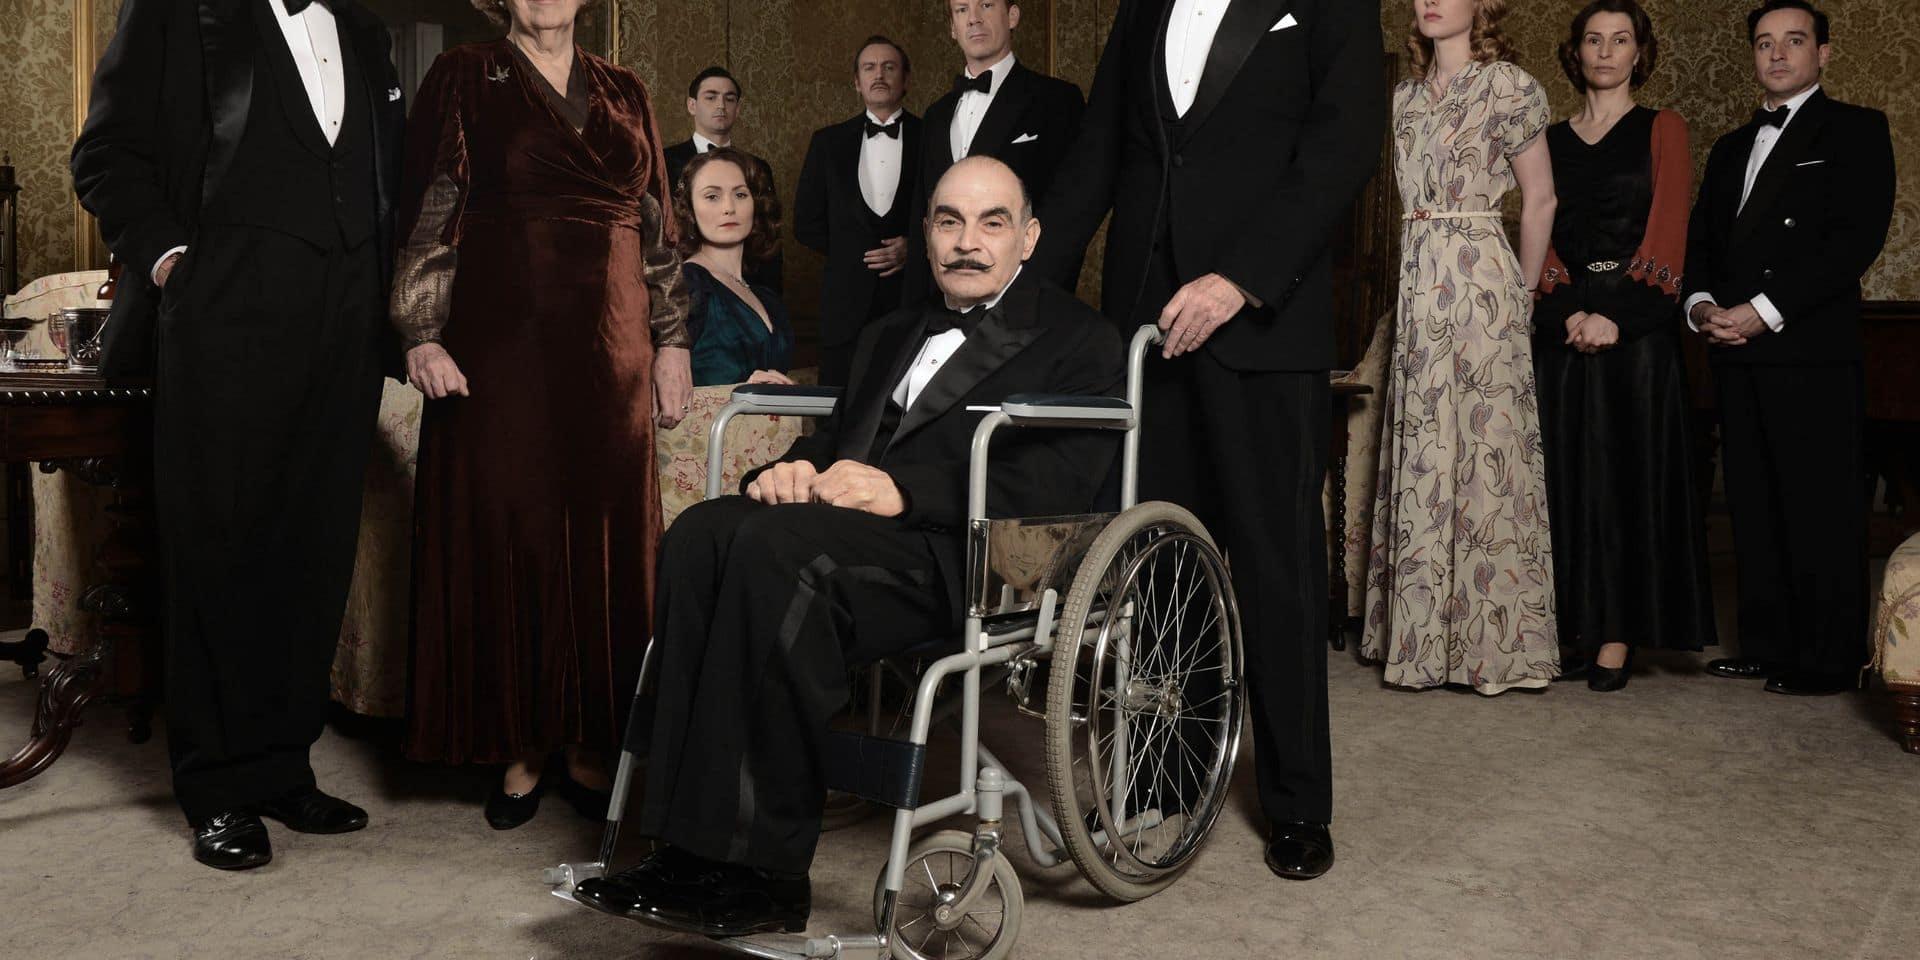 Voici où est né Hercule Poirot, le célèbre détective d'Agatha Christie